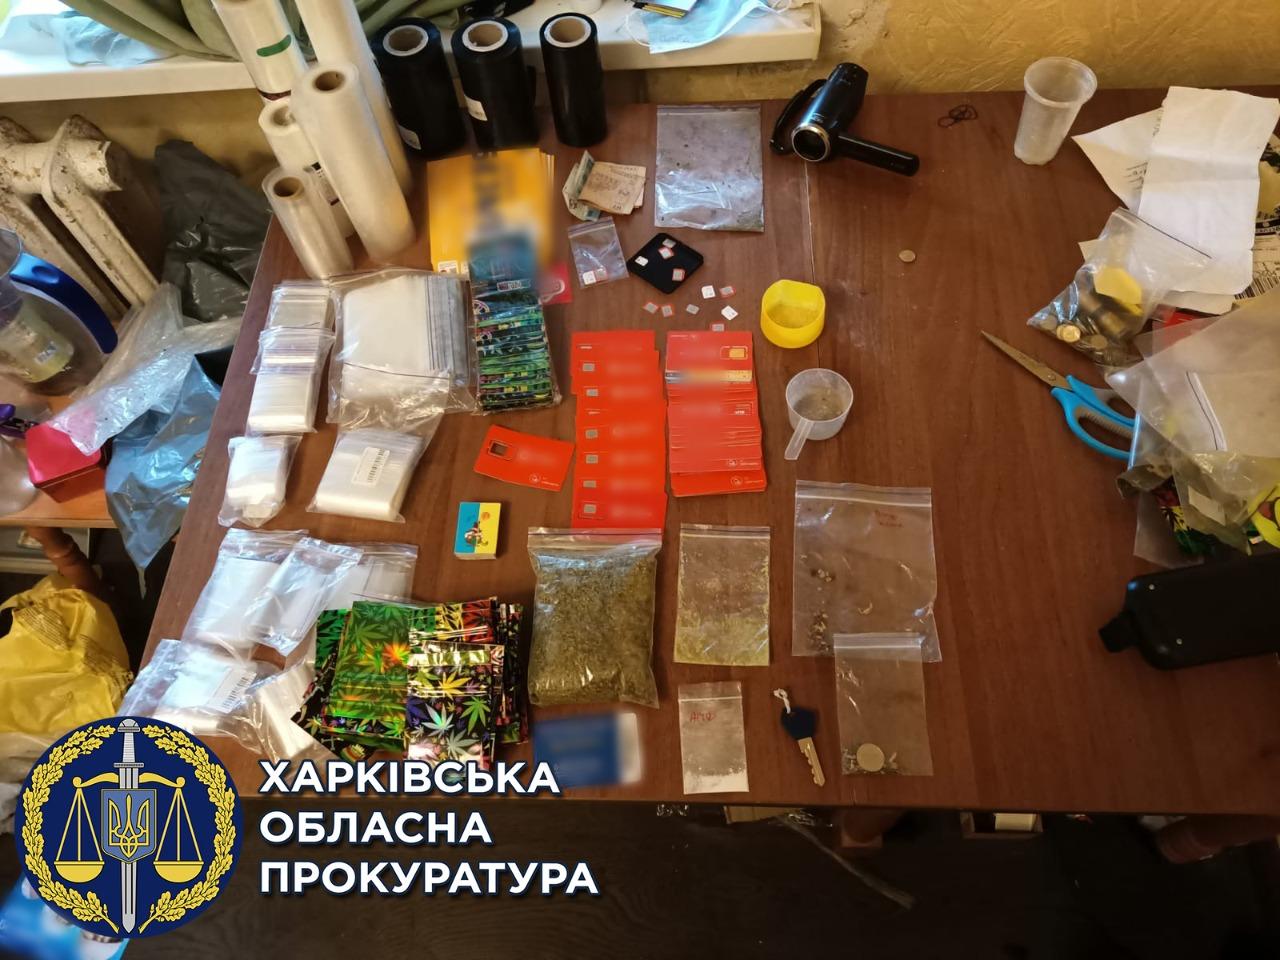 Харьковчанин сбывал наркотики